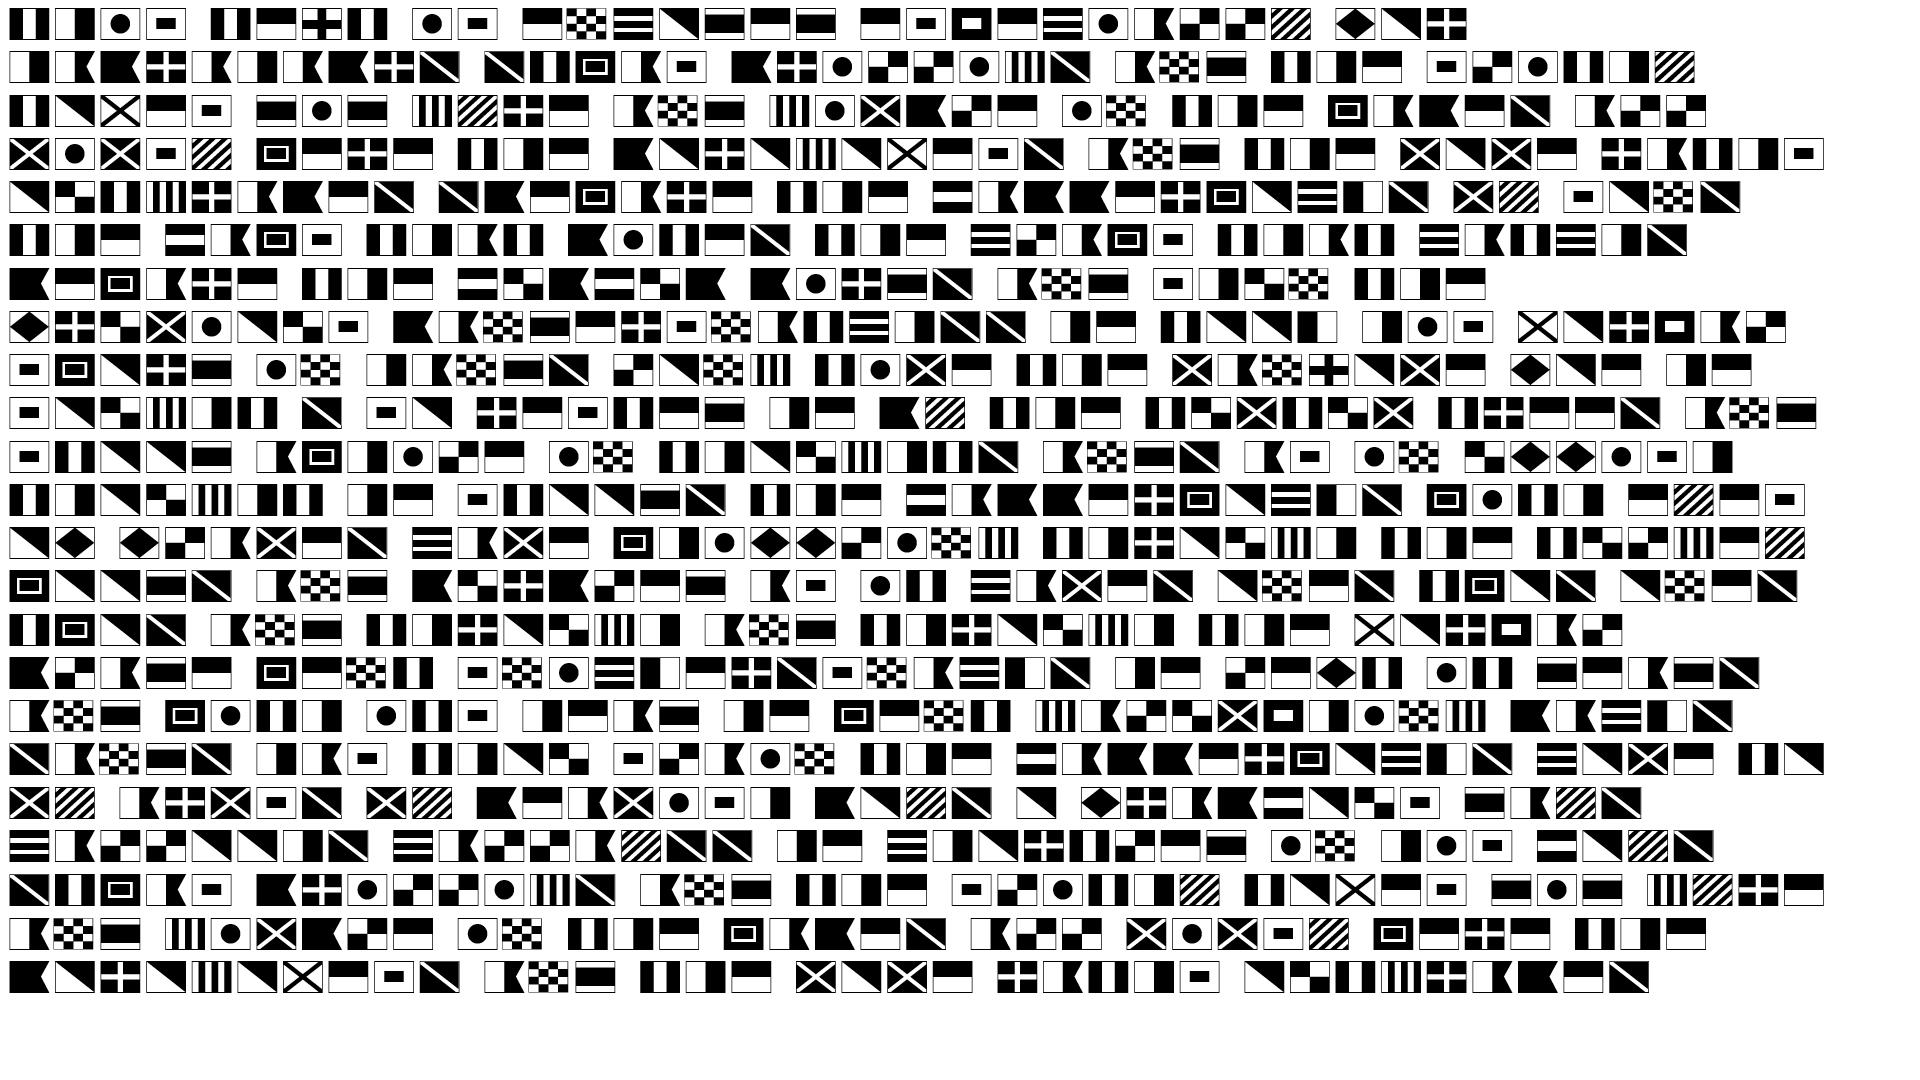 10 способов бумажного шифрования для школьников с помощью ABBYY FineReader - 11